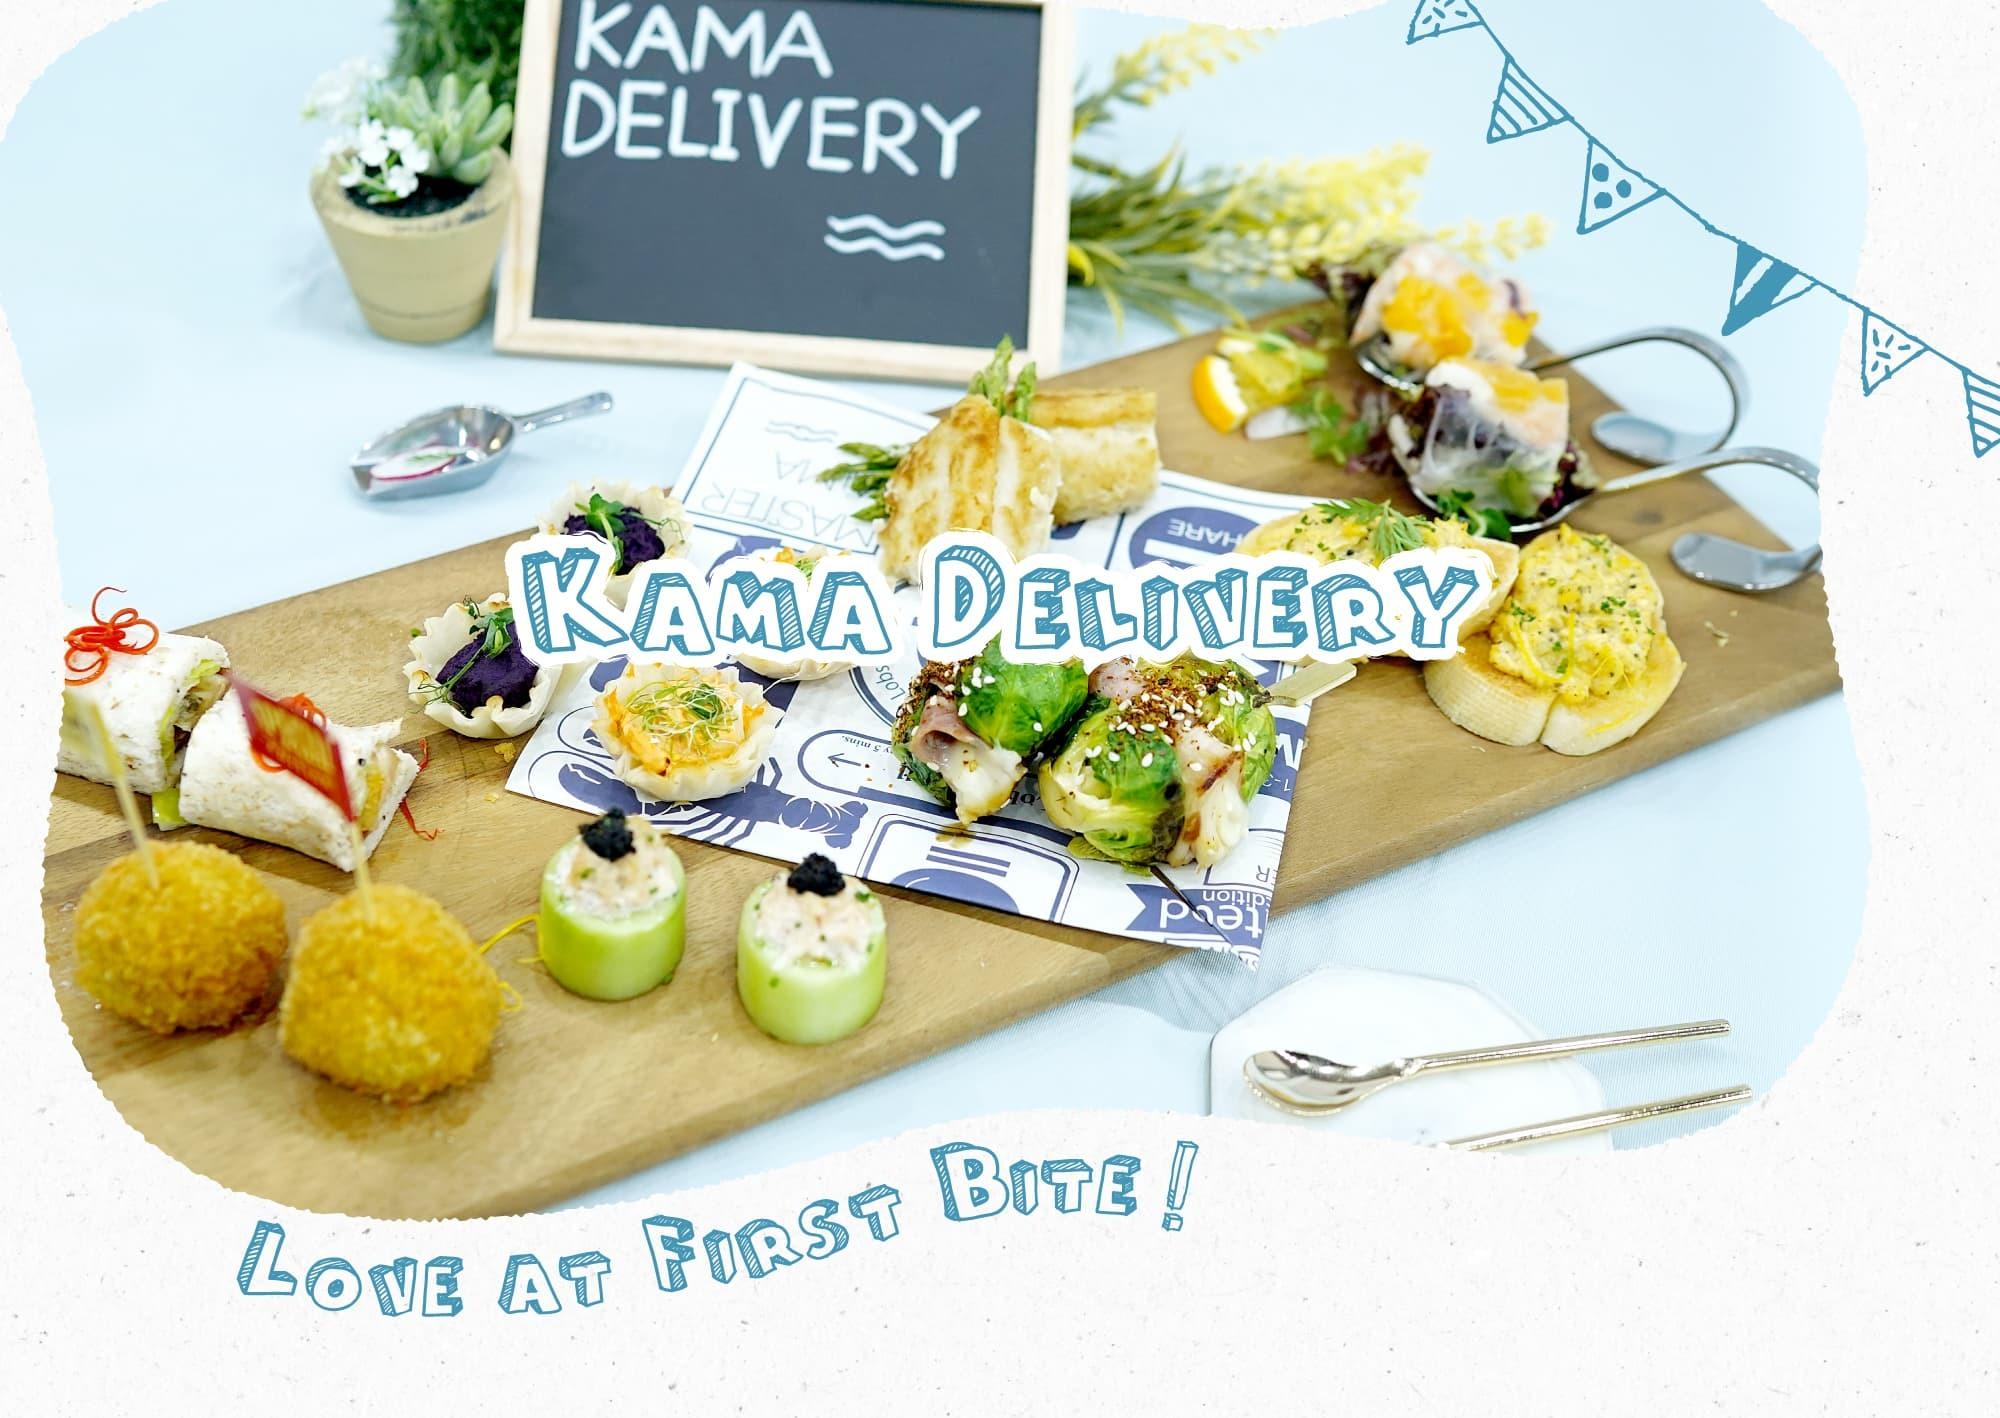 23人外賣套餐推薦|Kama Delivery推出的一口派對小食Set適合在婚宴酒會、百日宴、店舖開張、企業簡介會、公司講座、辦公室會議等場合享用。